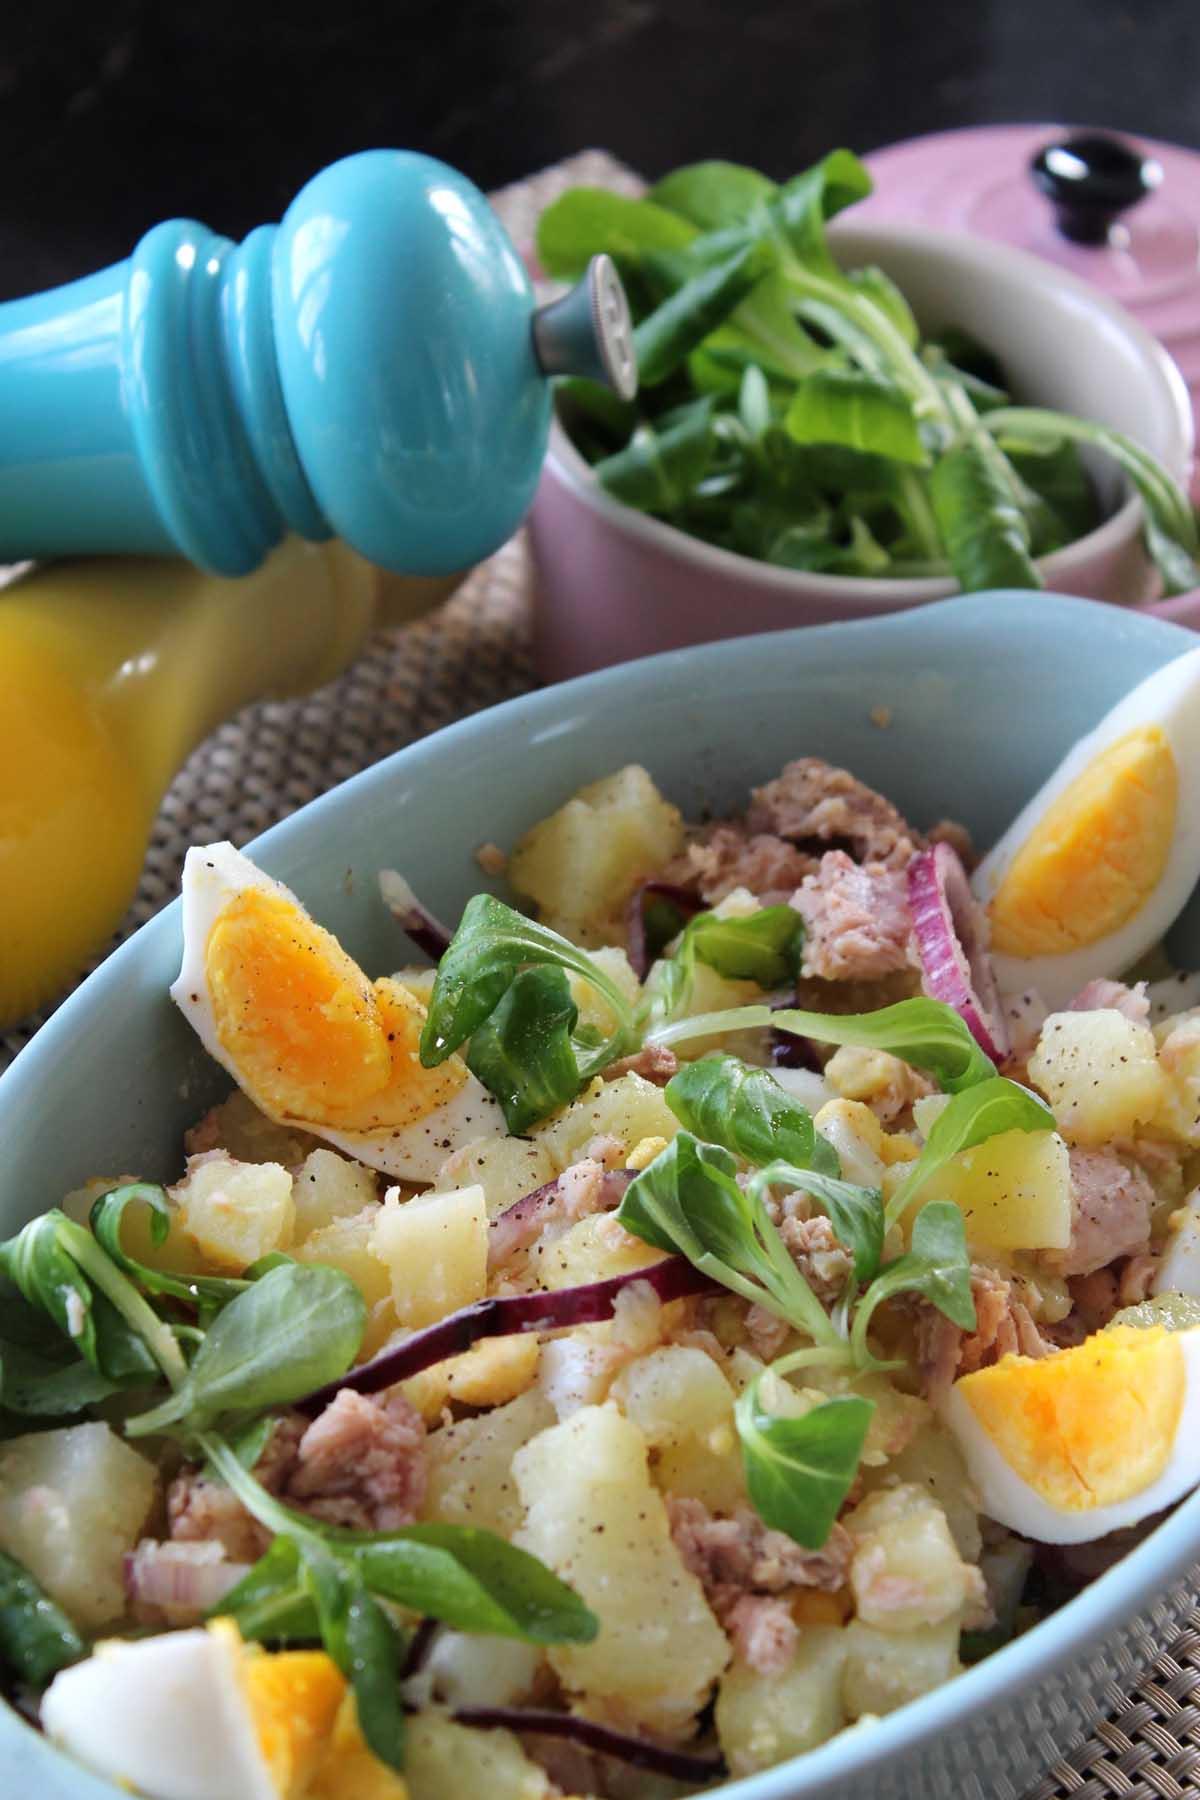 Ensalada de patatas, atún, huevo y cebolleta